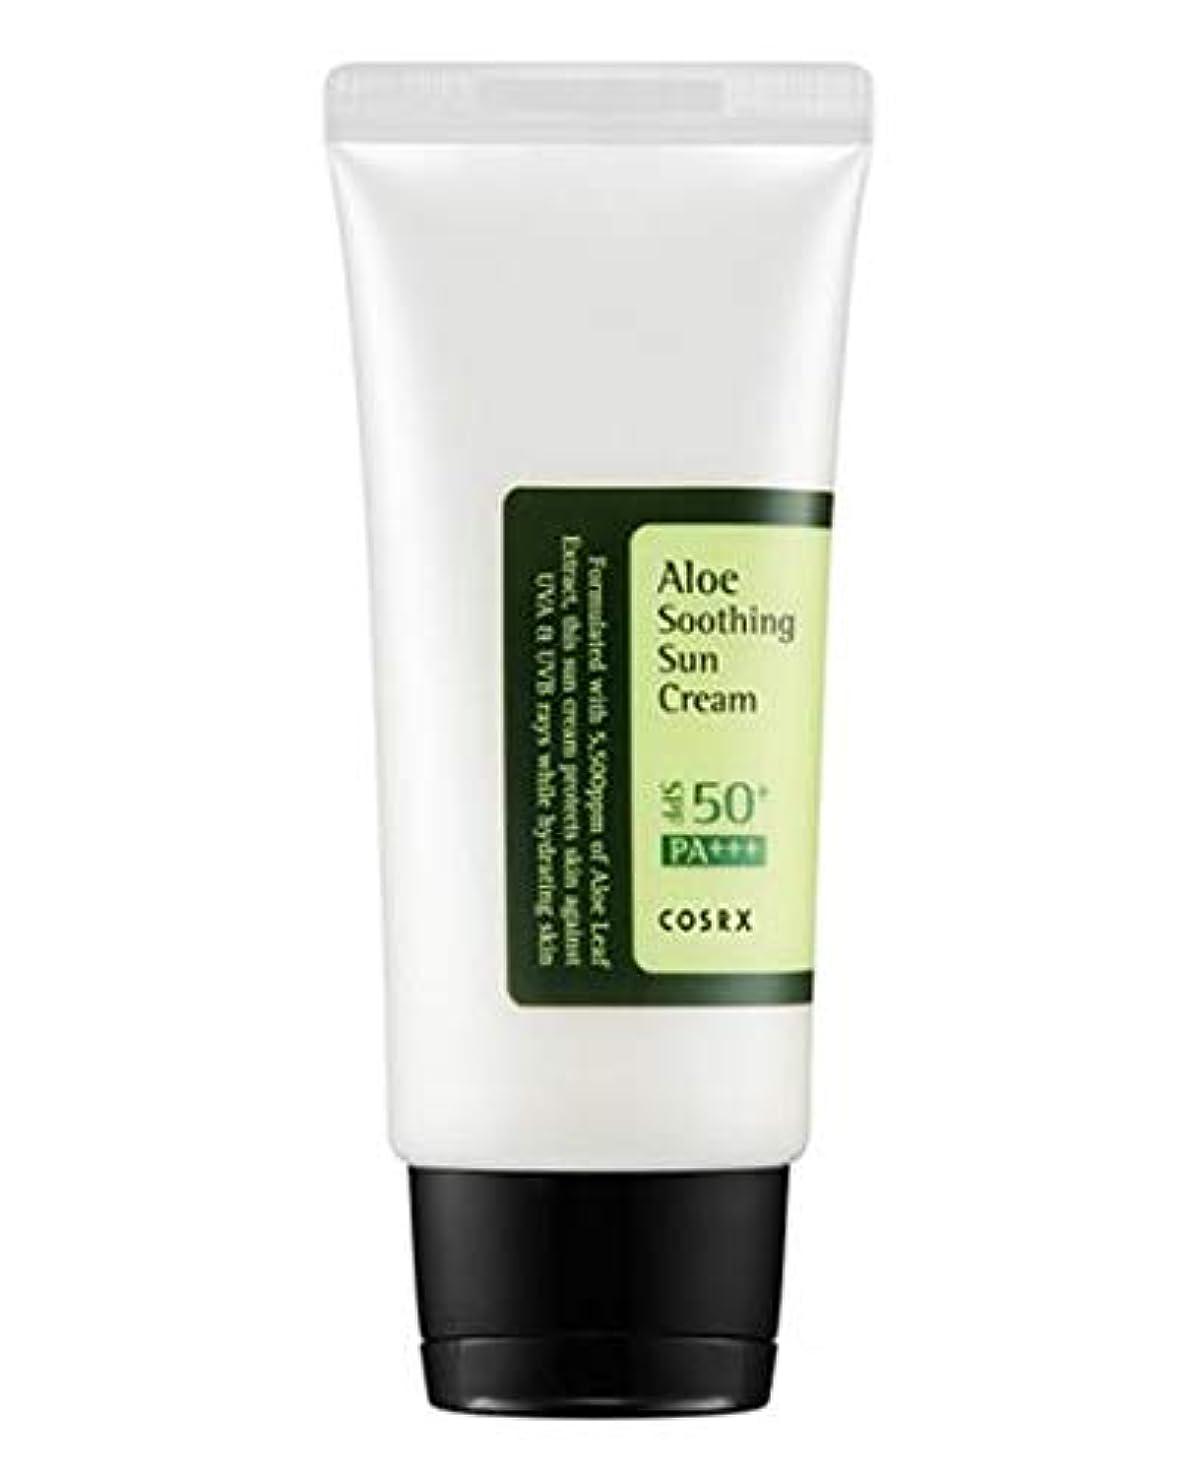 コスト白い勉強するCOSRX Aloe Soothing Sun Cream (並行輸入品)